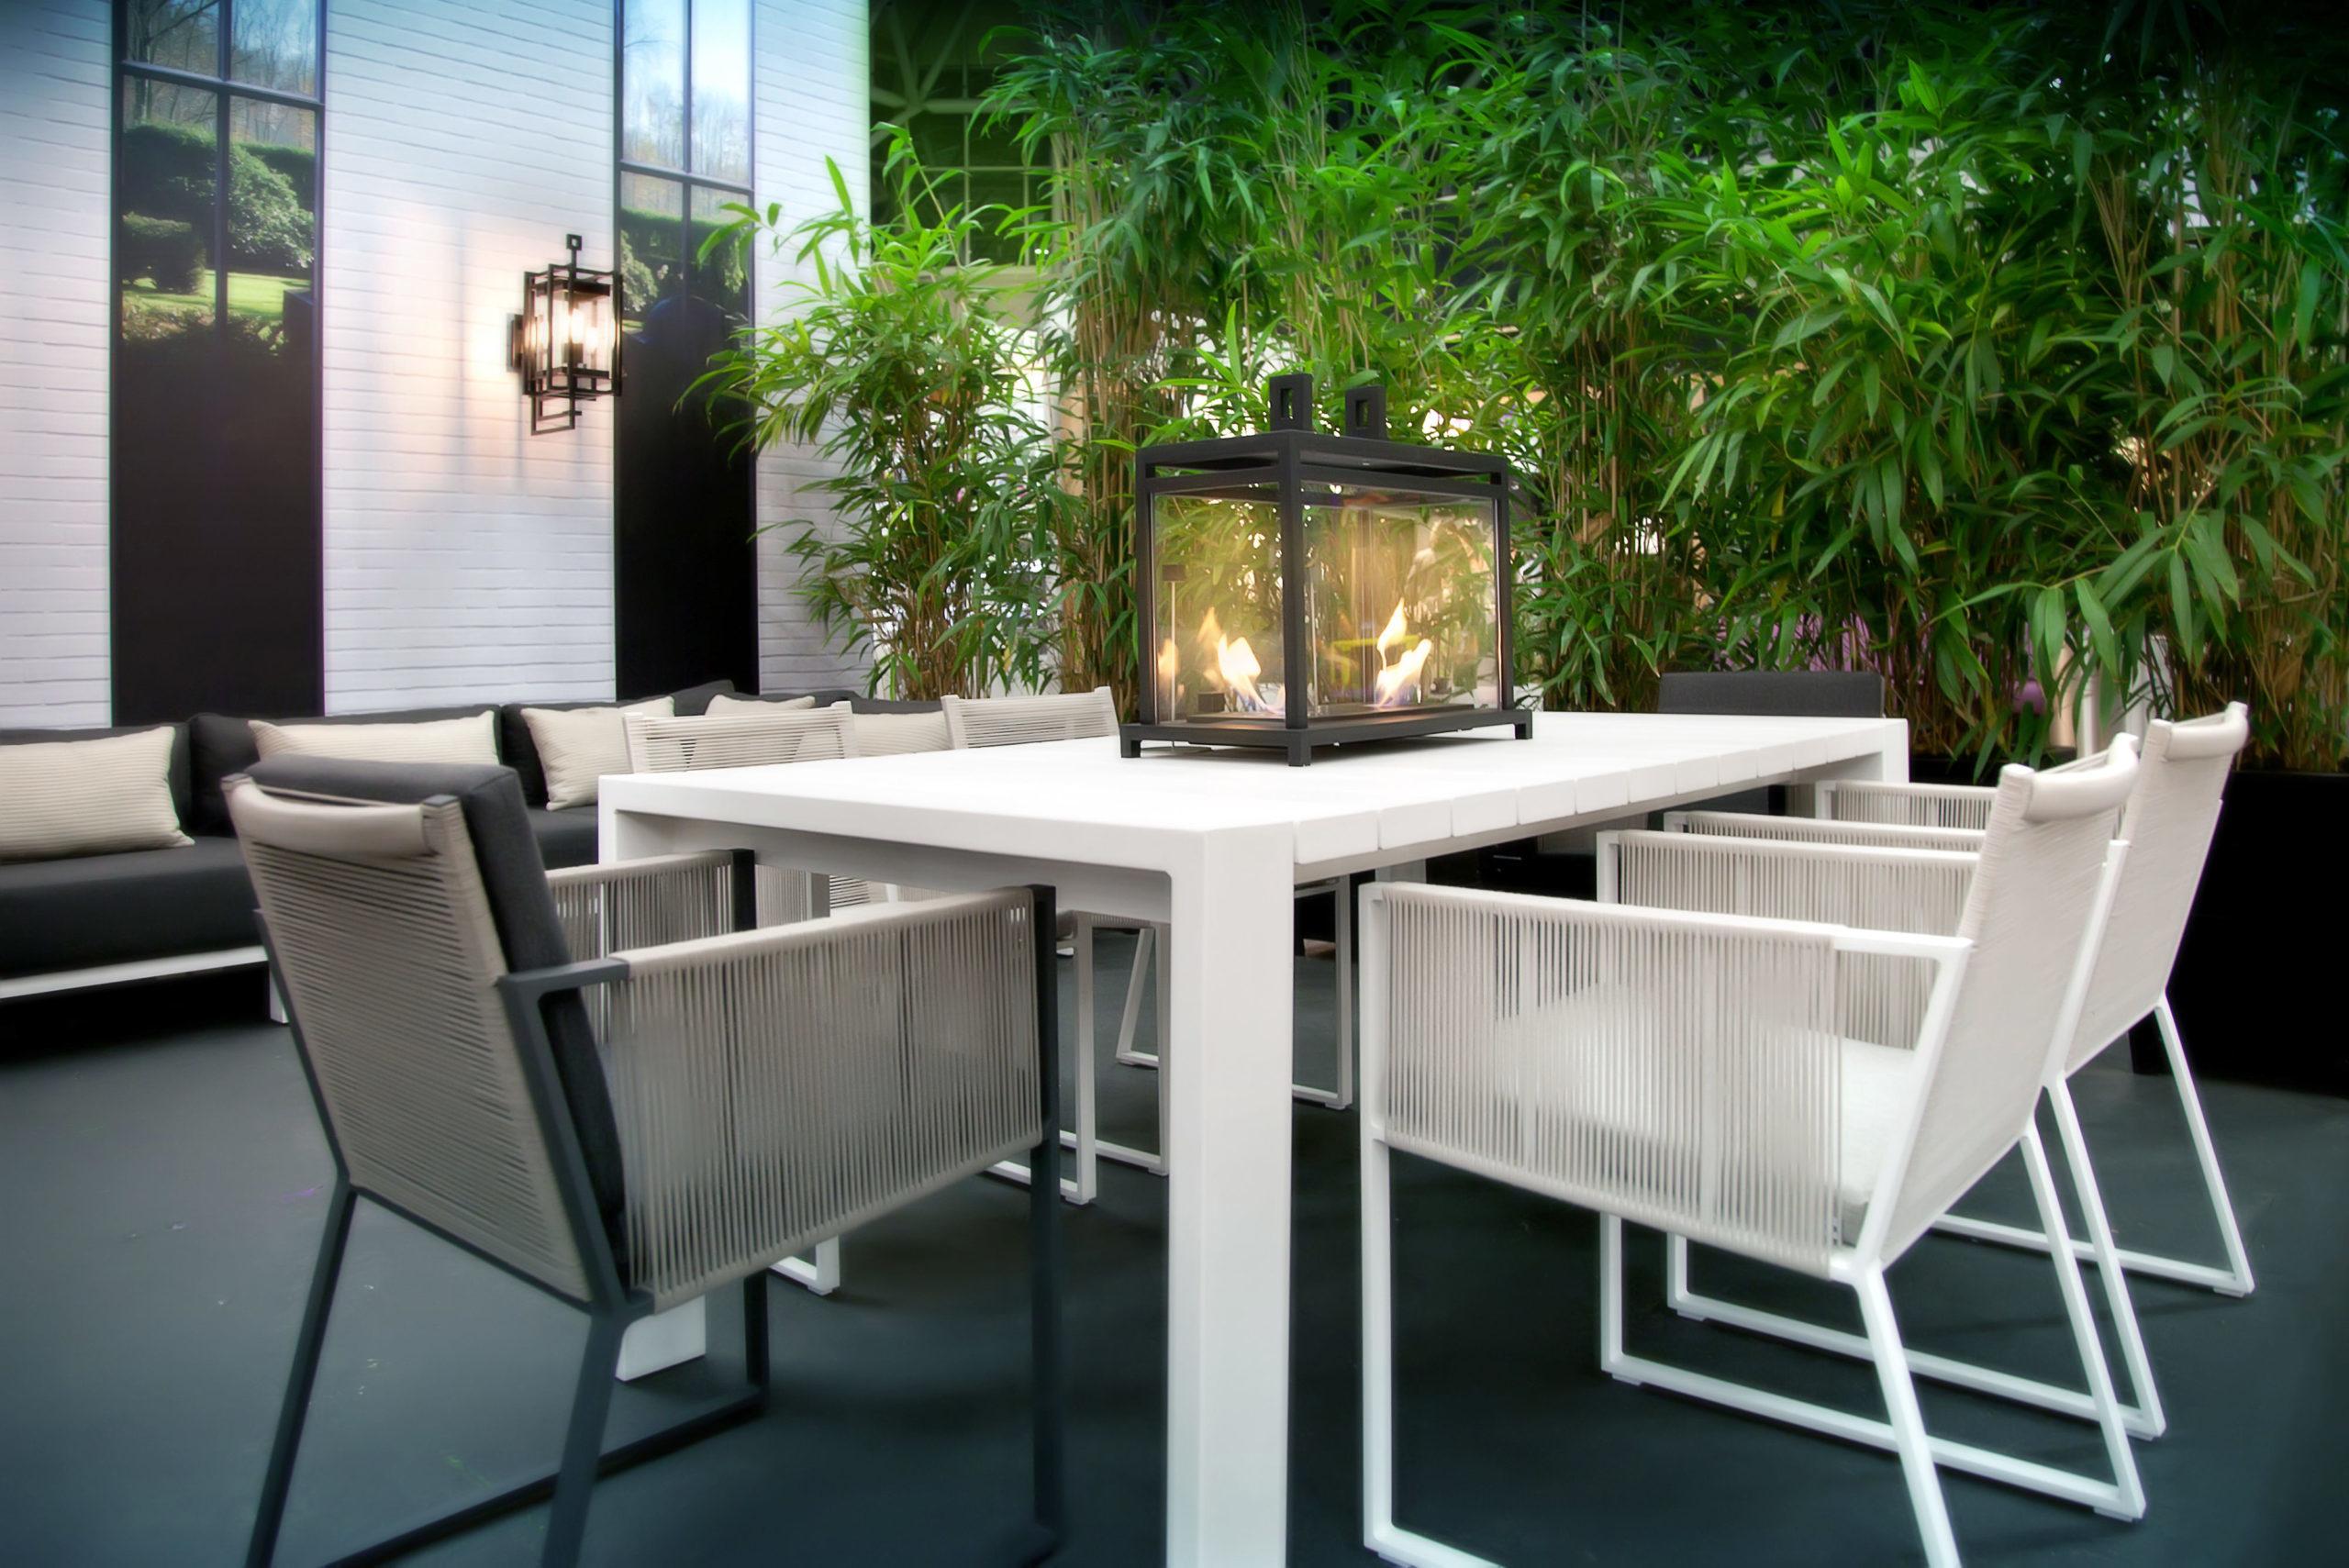 Wählen Sie ein Materialmix für den perfekten Gartentisch